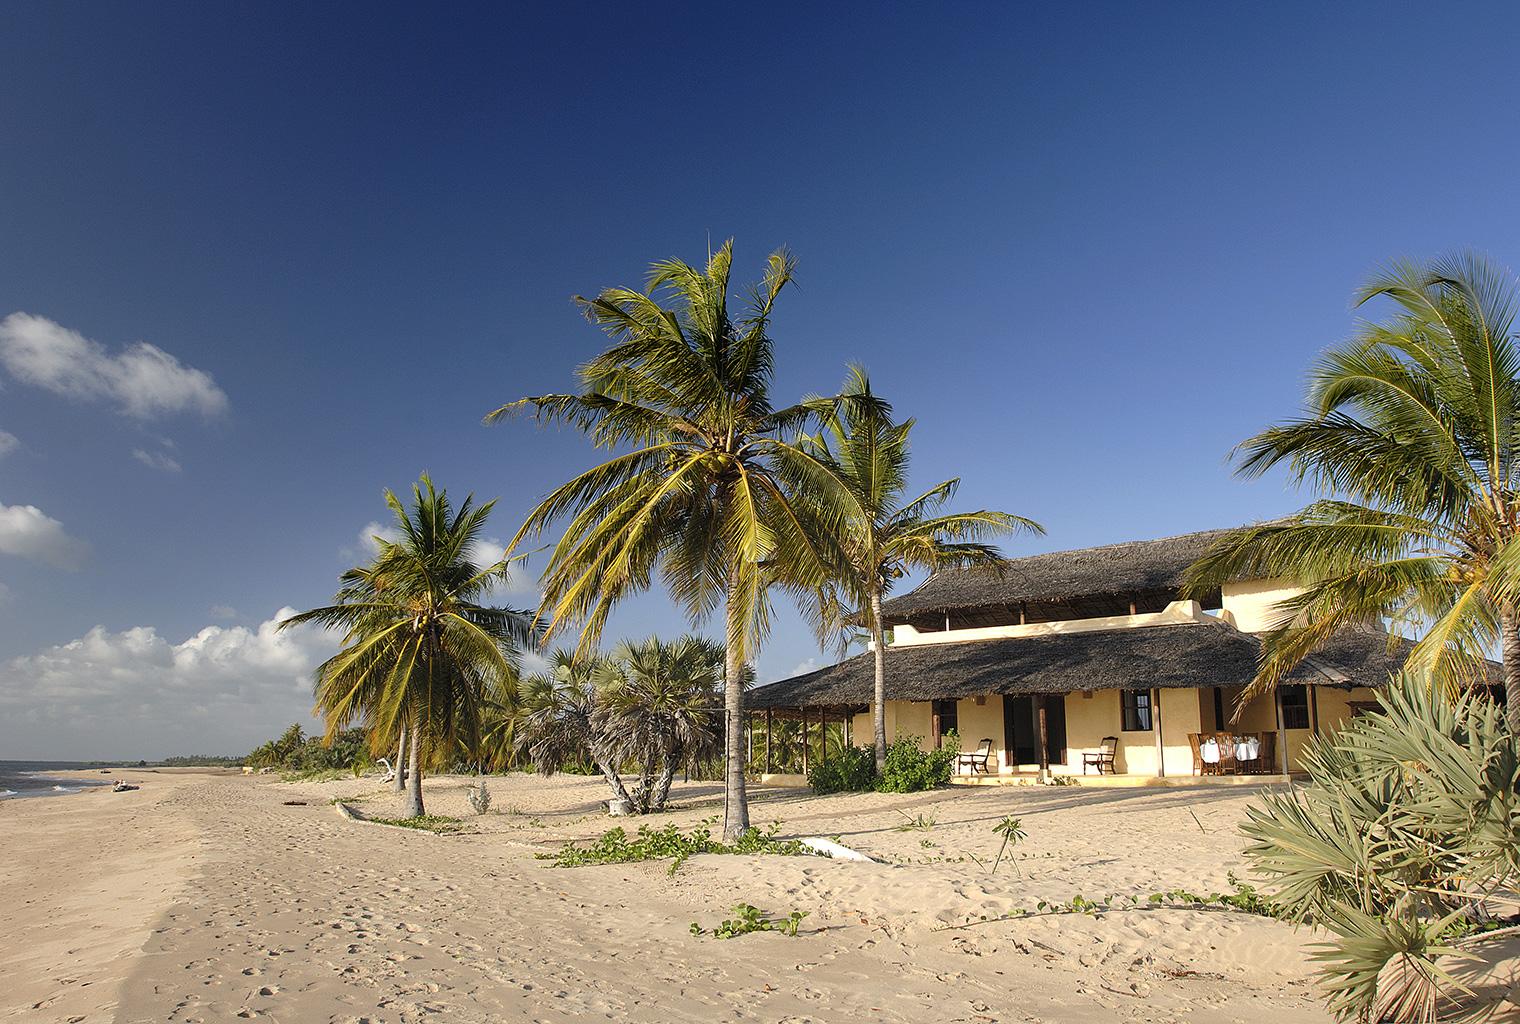 Kizingoni-Villas-Exterior-Palm-Trees